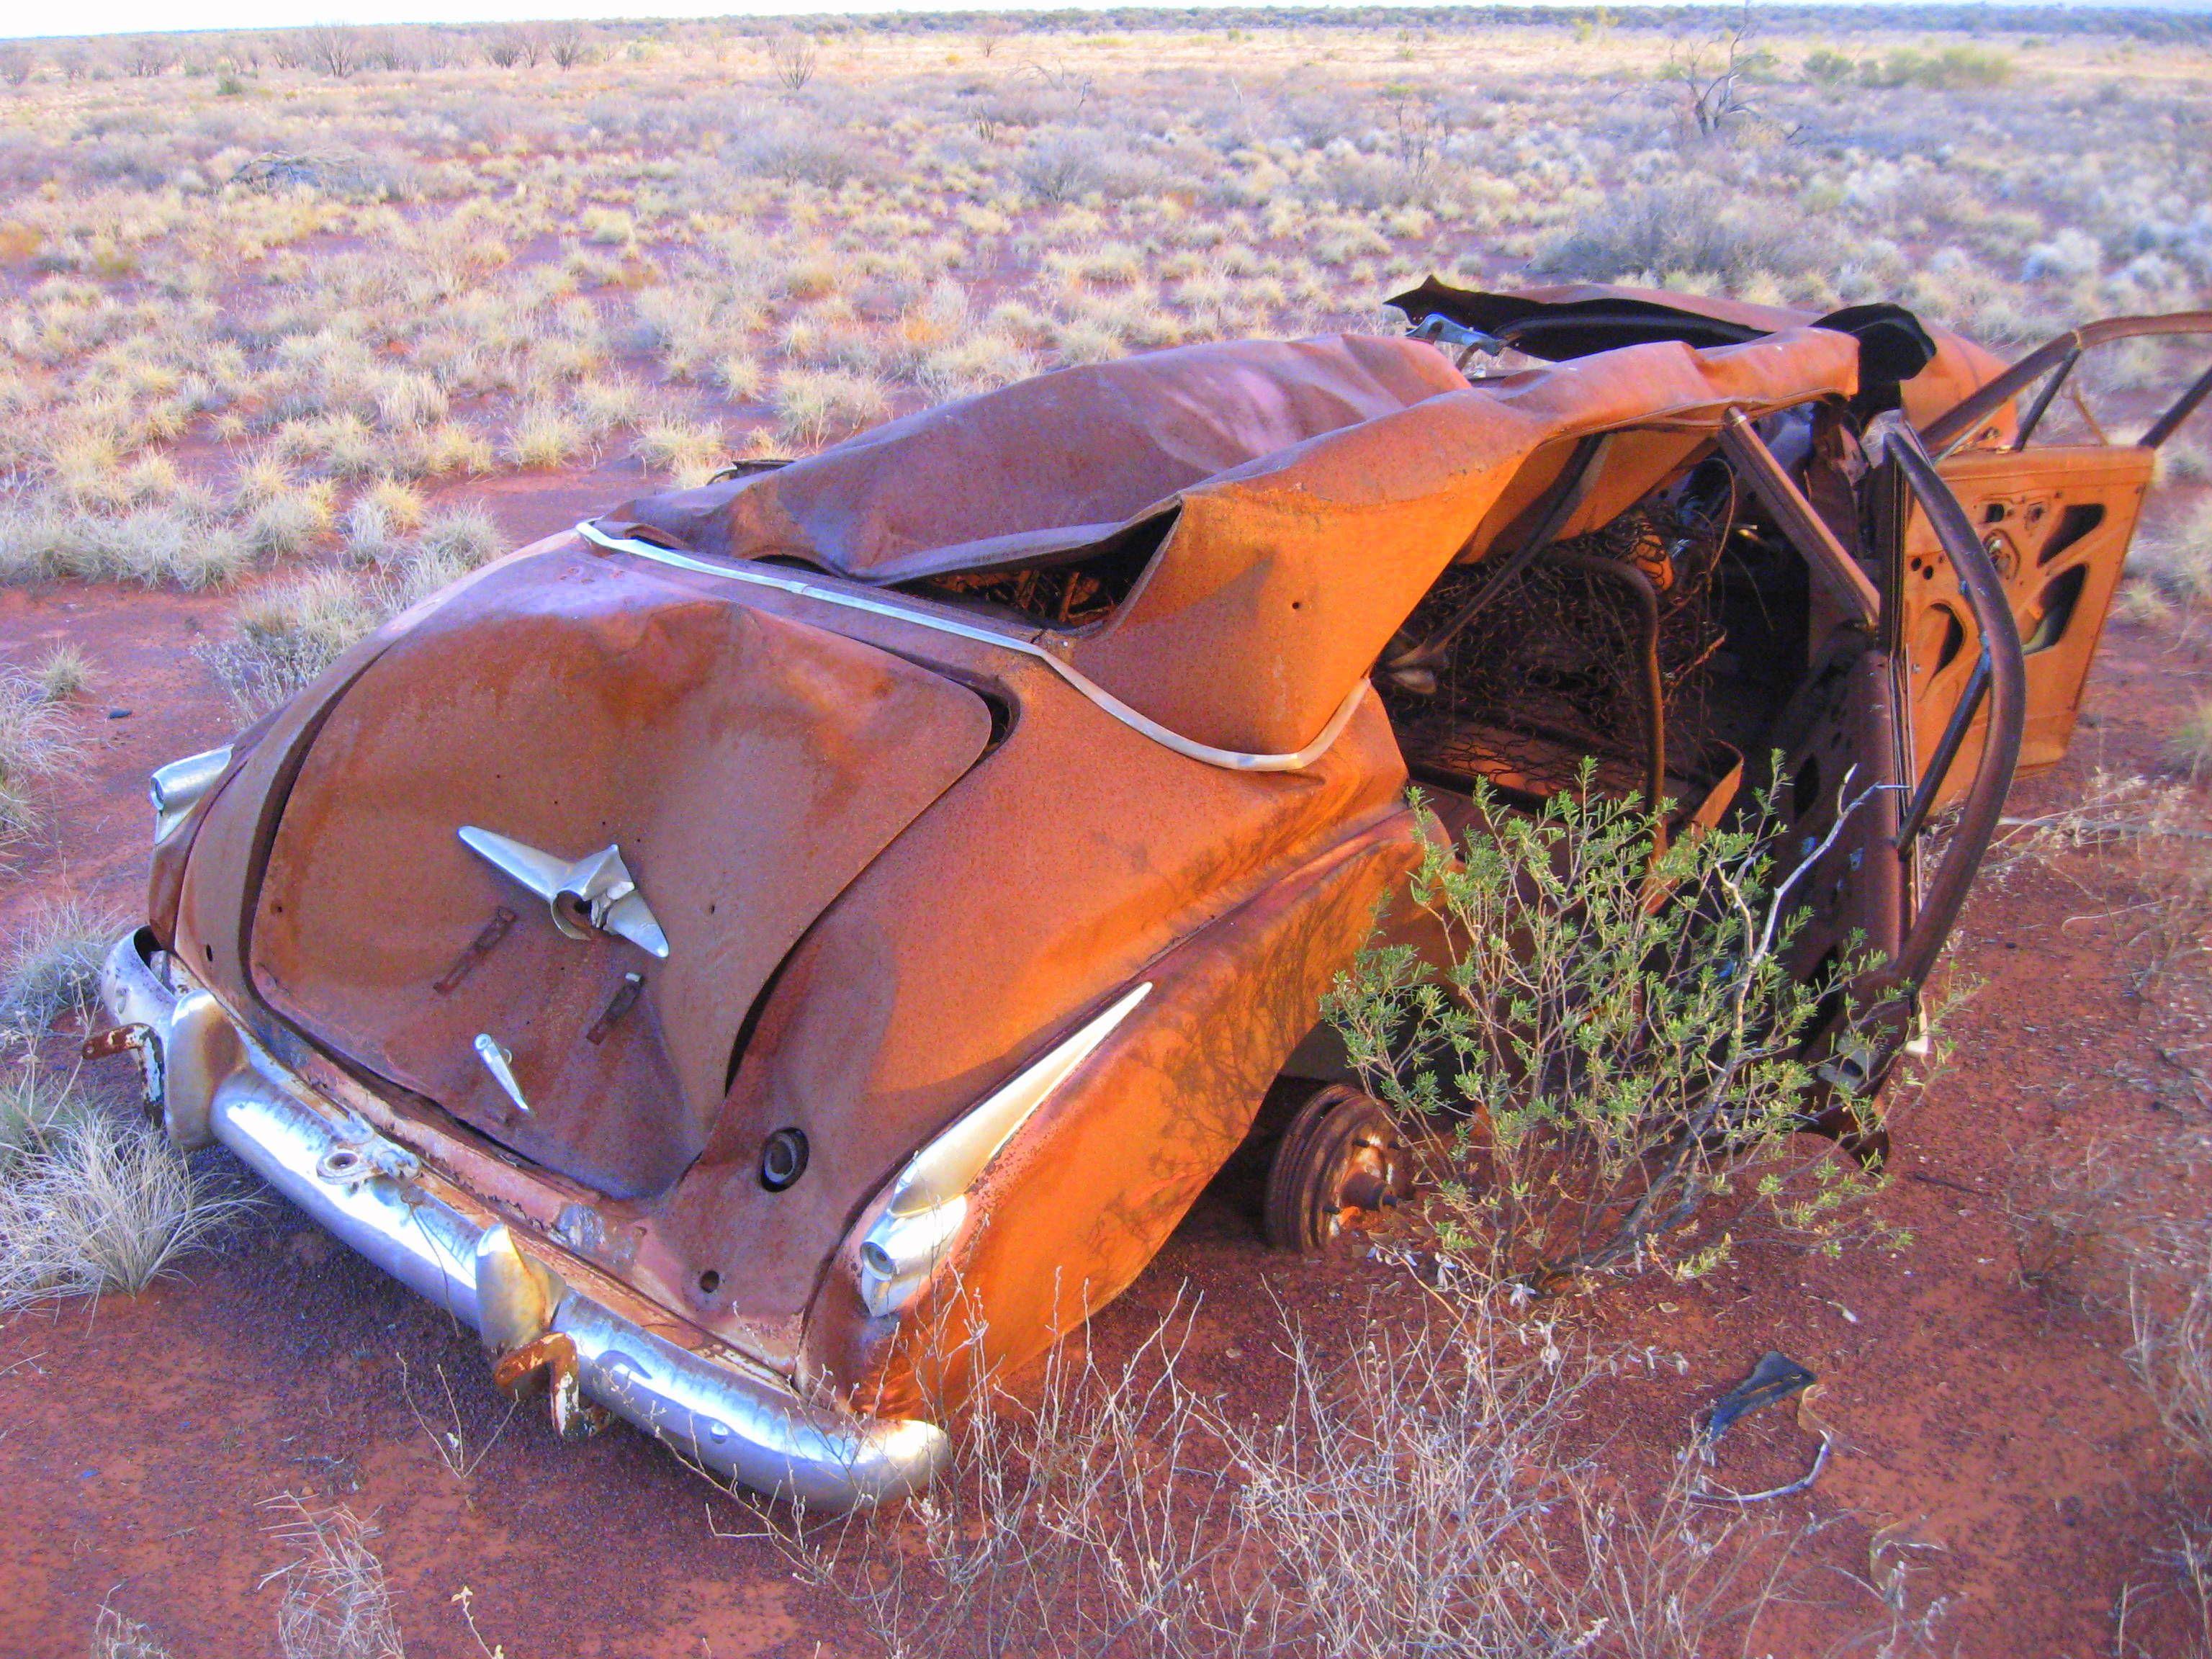 An FJ Holden In The Middle Of Australian Western Desert